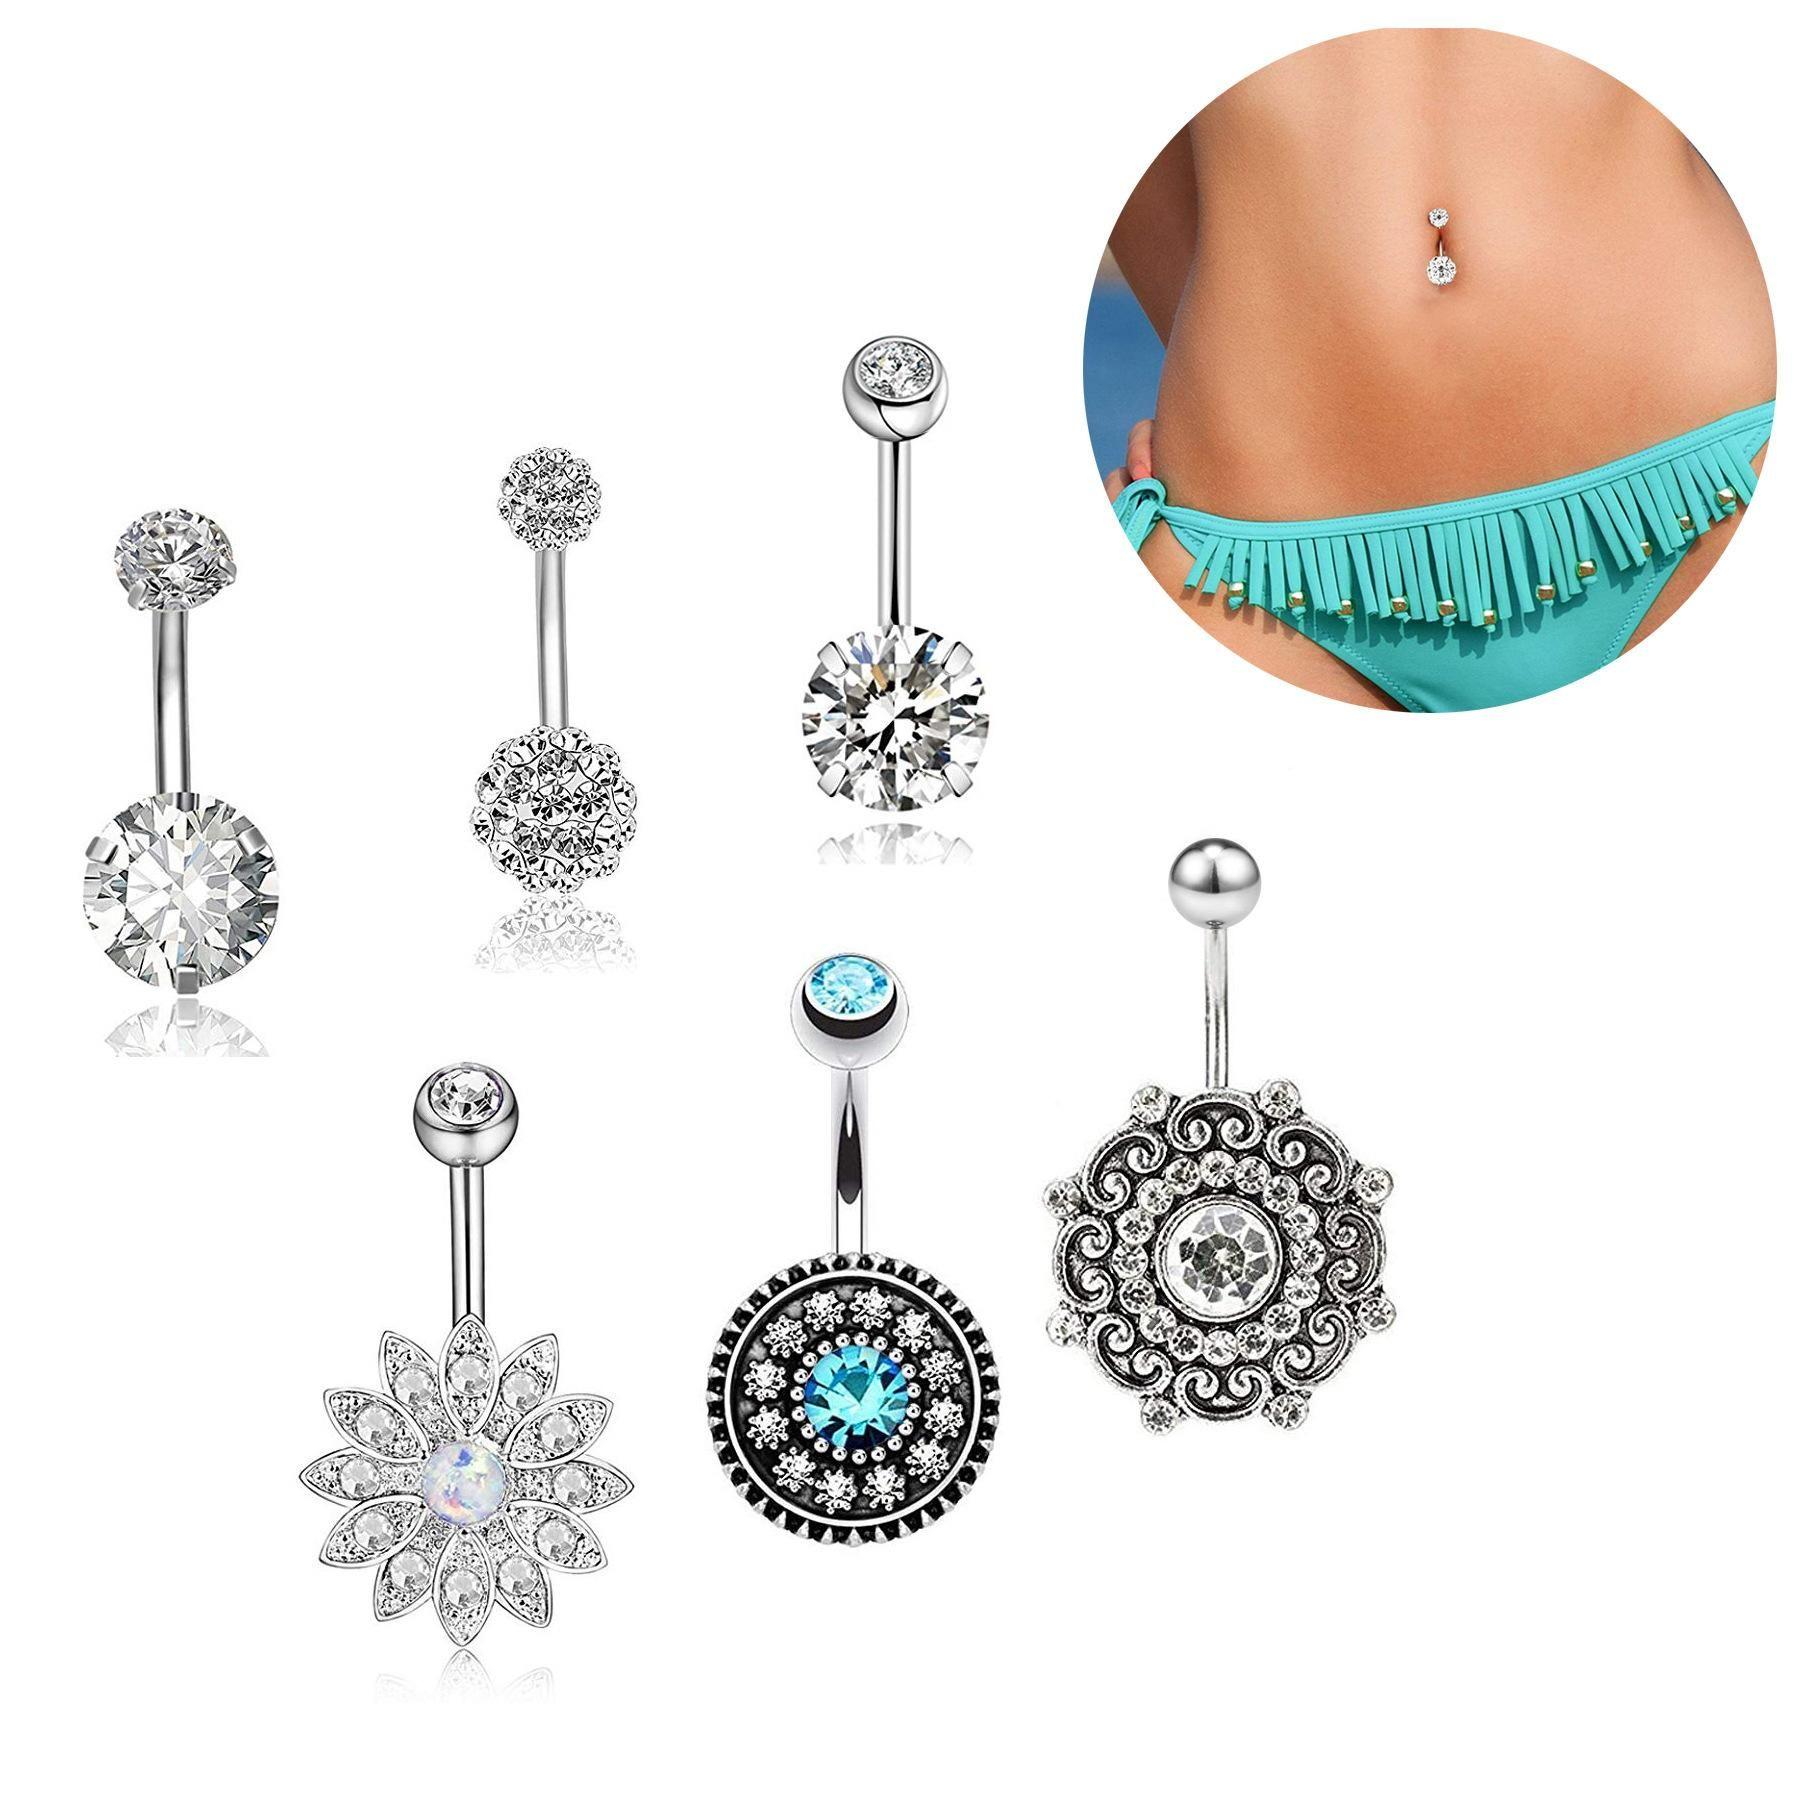 Trendy Navel Belly Button Rings Steel Zircon Piercing Jewelry Hot Sale